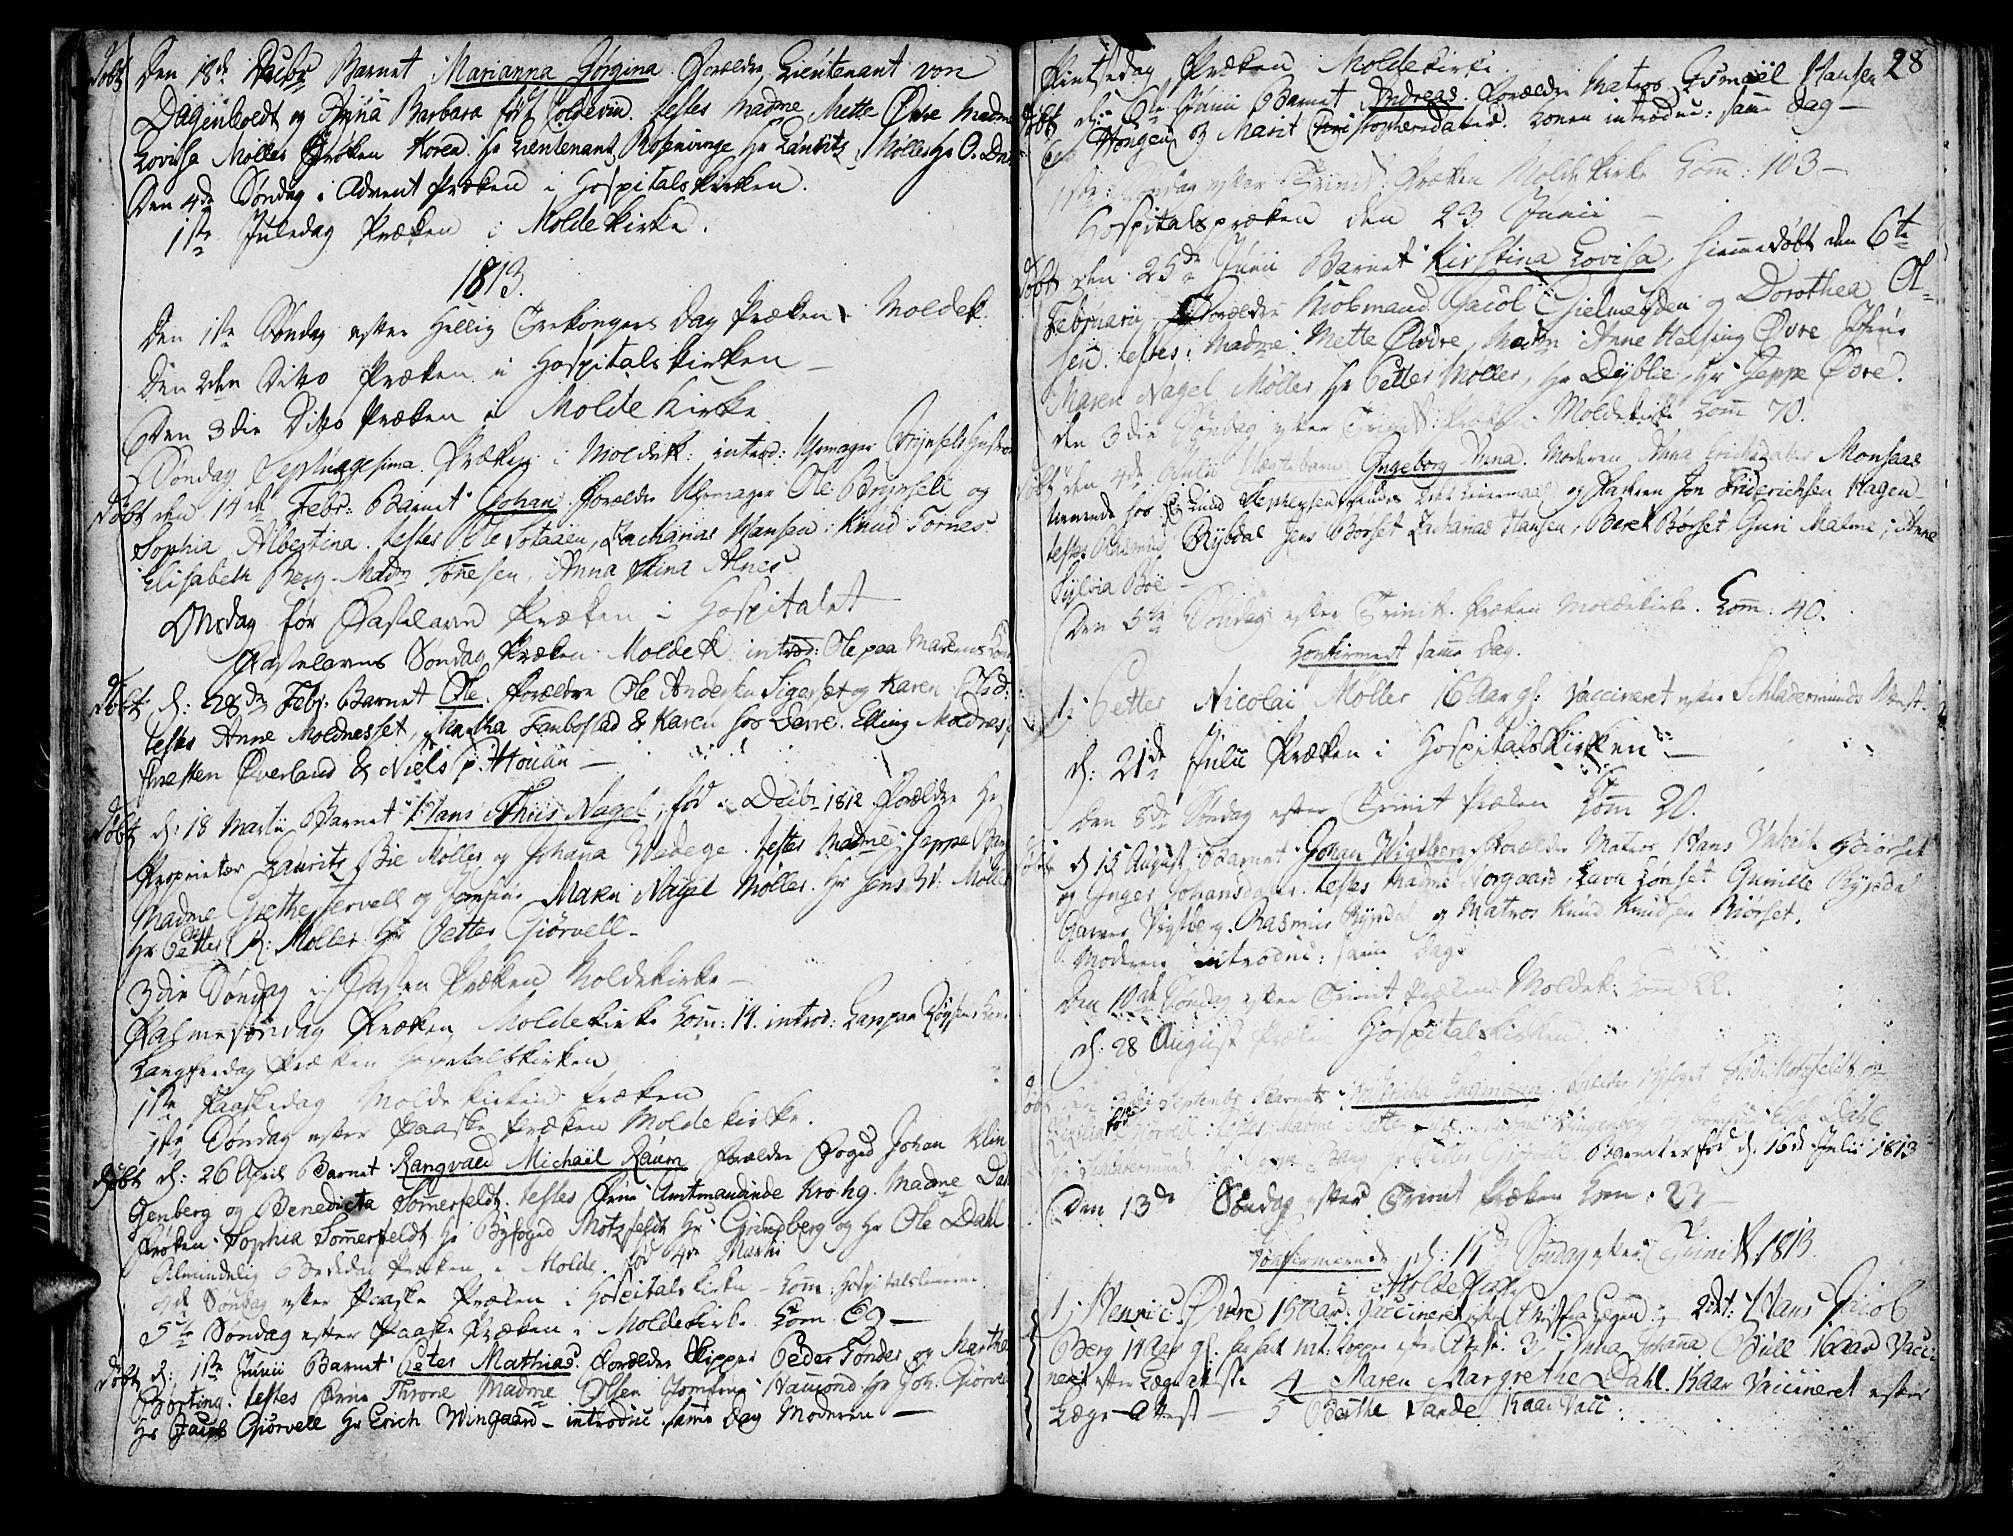 SAT, Ministerialprotokoller, klokkerbøker og fødselsregistre - Møre og Romsdal, 558/L0687: Ministerialbok nr. 558A01, 1798-1818, s. 28